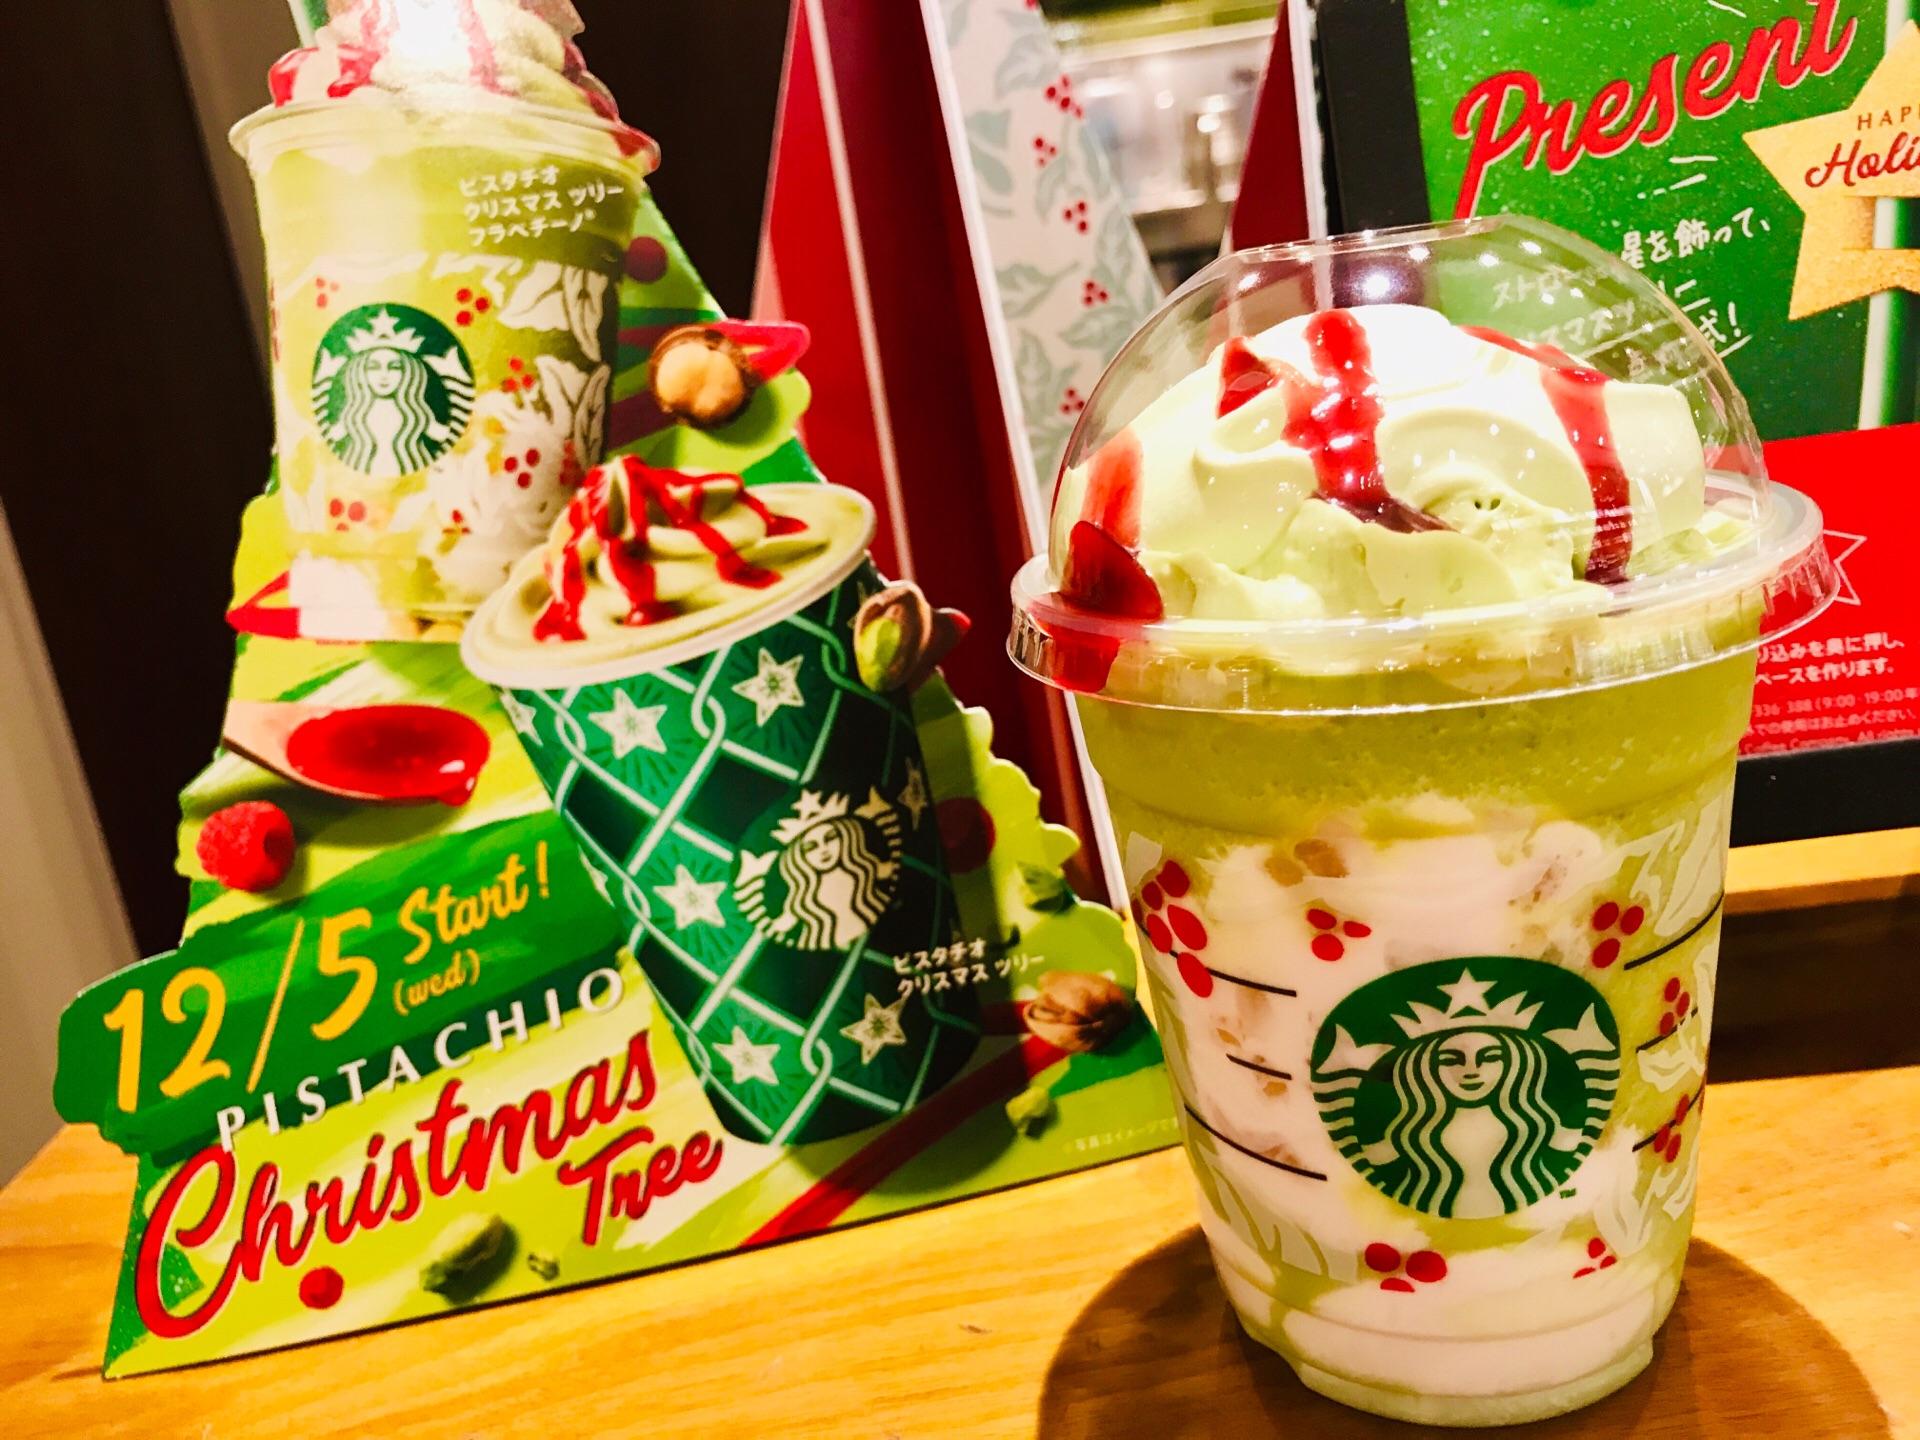 【スタバ】まるでクリスマスツリー★ホリデーシーズン第3弾は《ピスタチオ×ラズベリー》_5